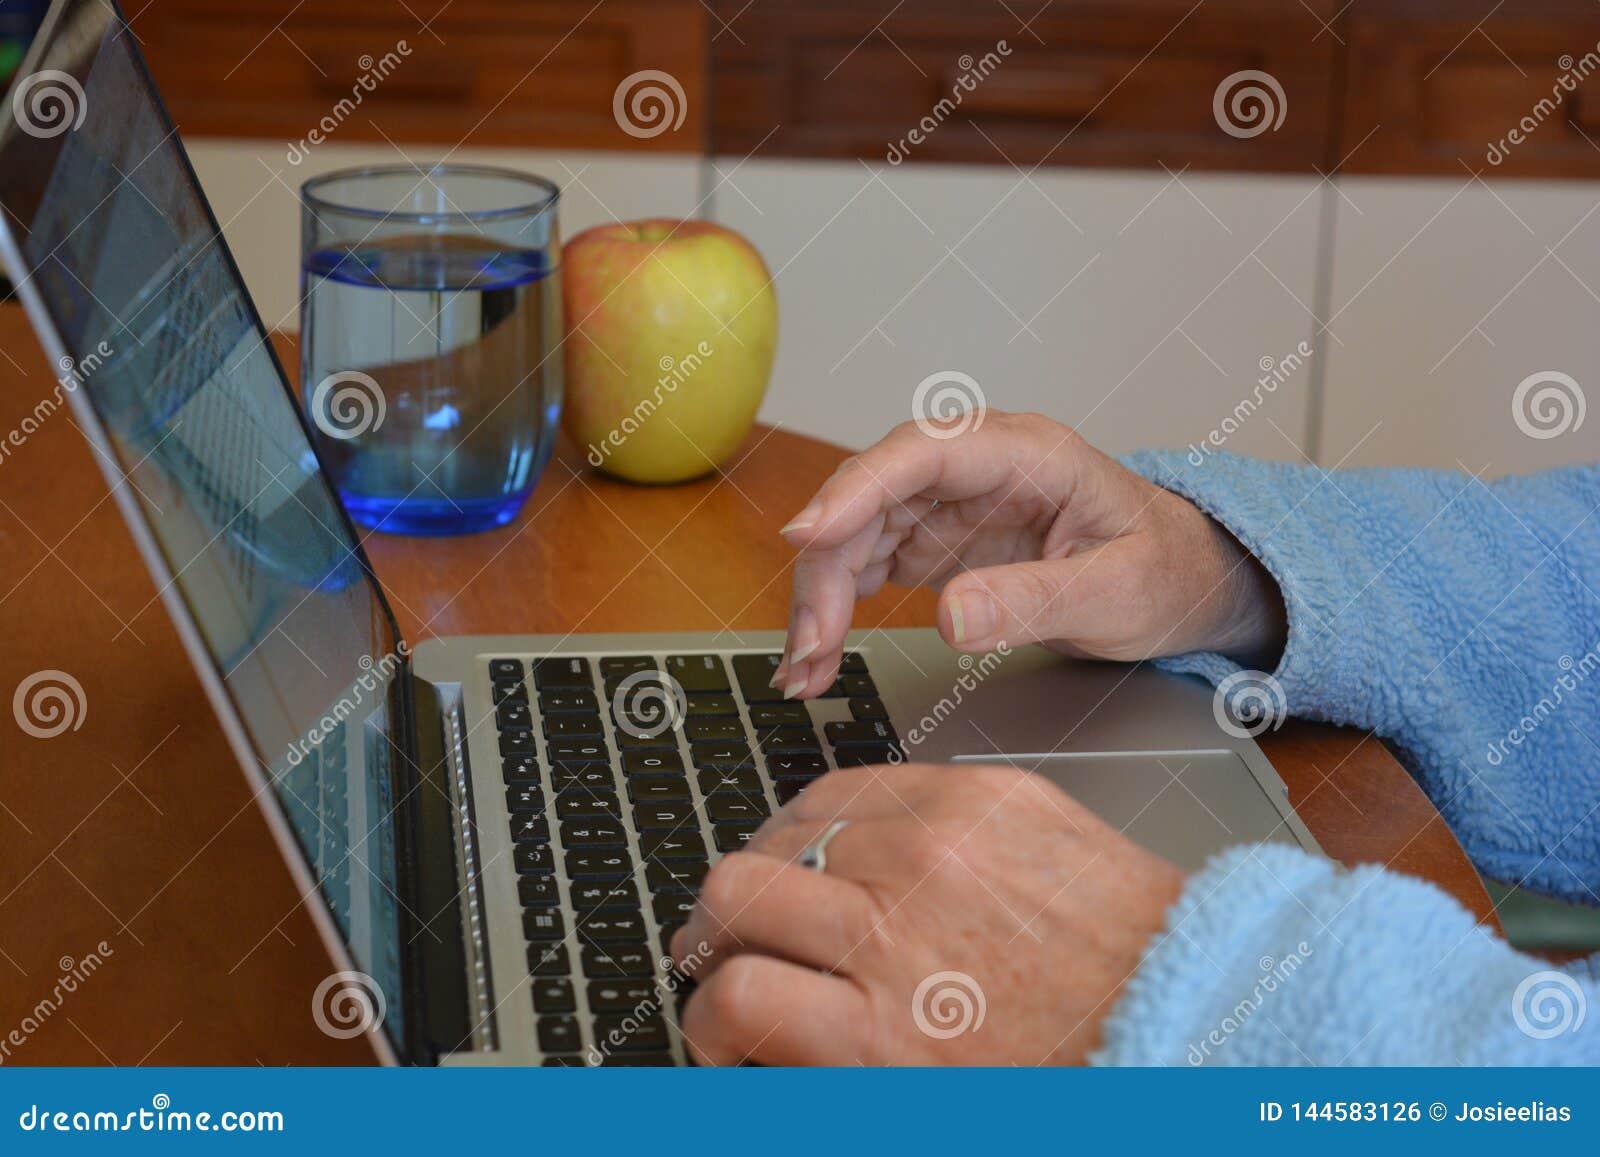 Frau, die oben auf Laptoptastatur, Abschluss schreibt